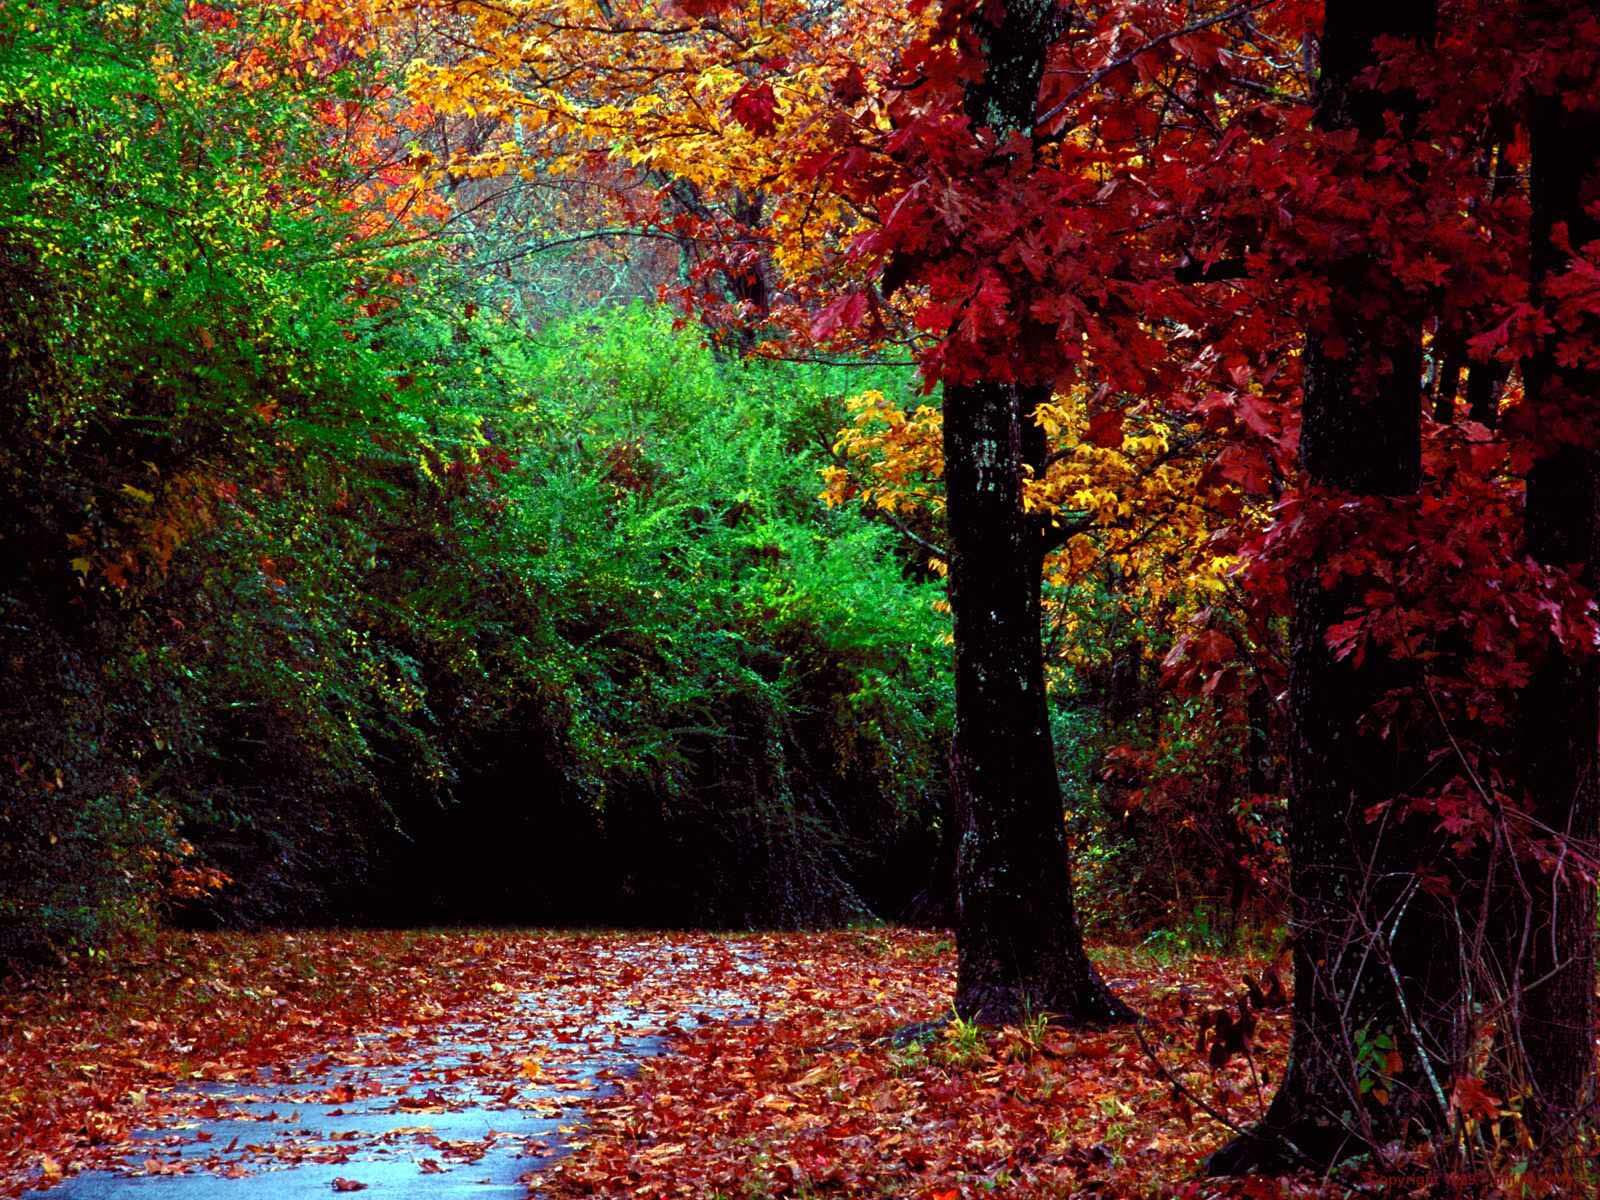 http://3.bp.blogspot.com/-wbcxrmRCAZA/UC3VAnbScMI/AAAAAAAAAbU/rSZPWGnO4m4/s1600/Autumn_Forest_and_Landscape_Color.jpg